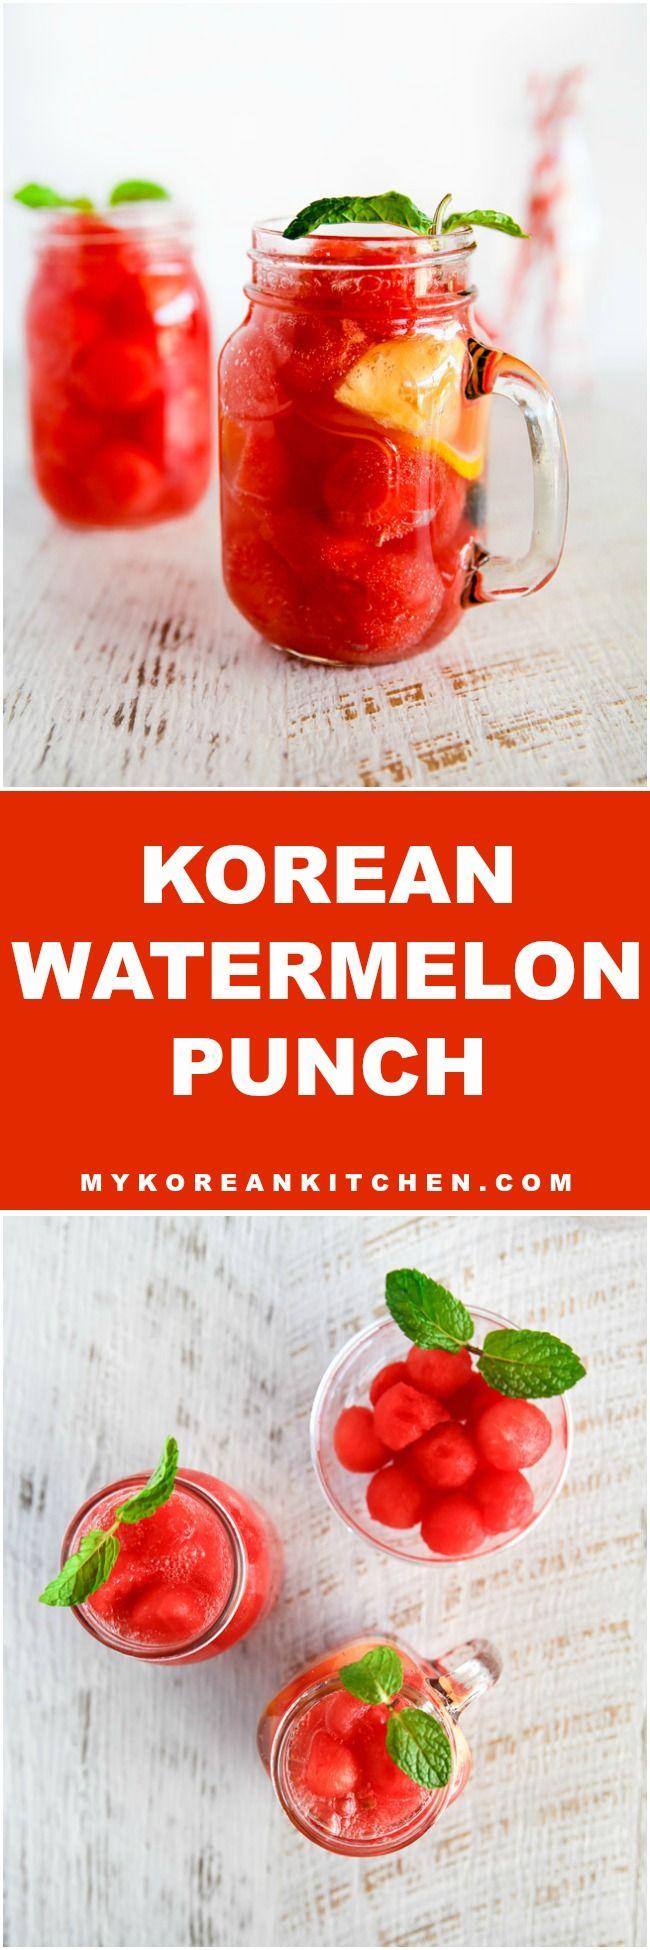 299 best Korean dessert images on Pinterest | Korean dessert ...